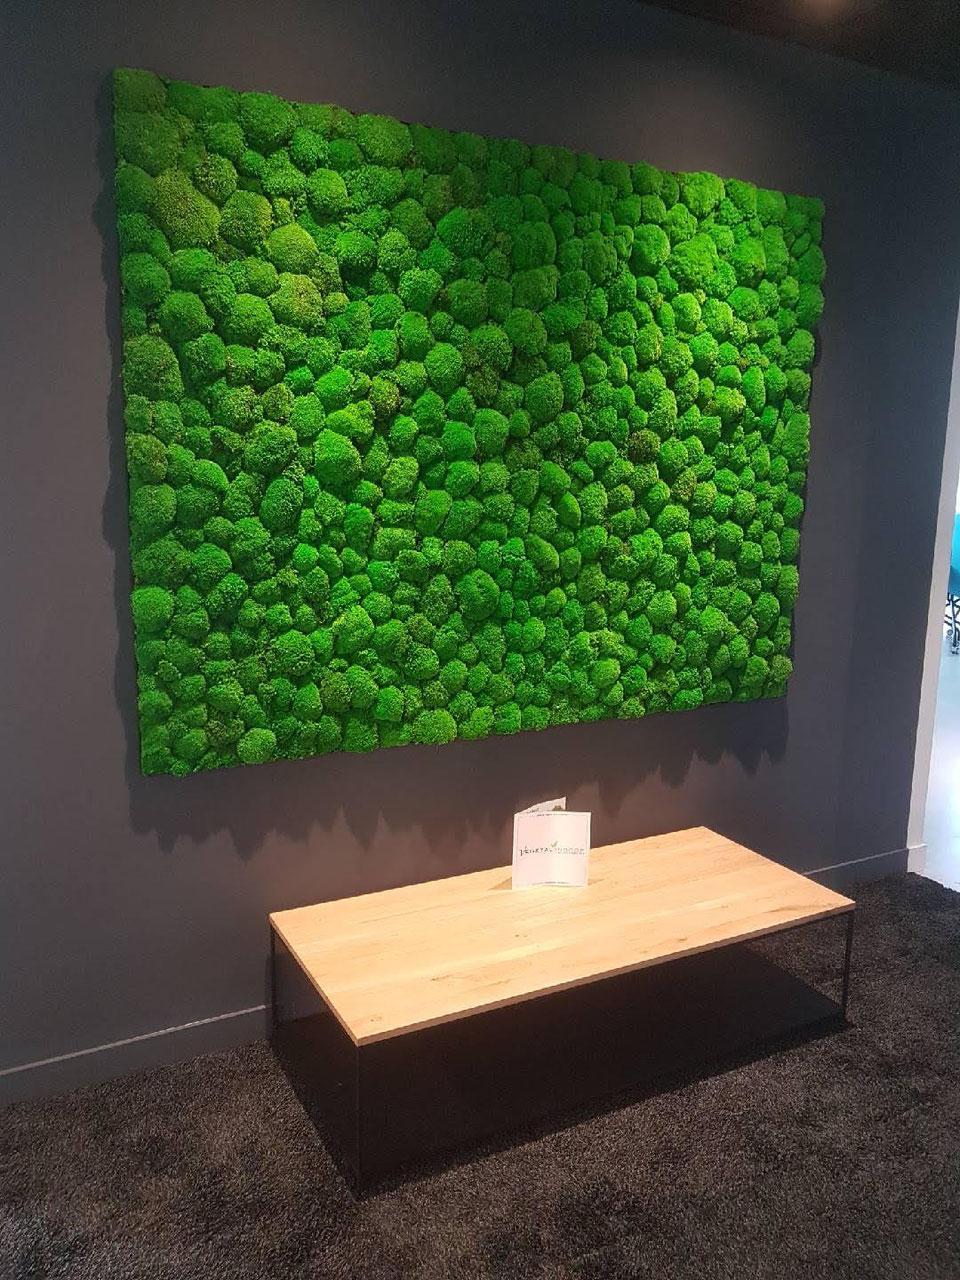 mousse boule vegetal indoor mur v g tal stabilis. Black Bedroom Furniture Sets. Home Design Ideas